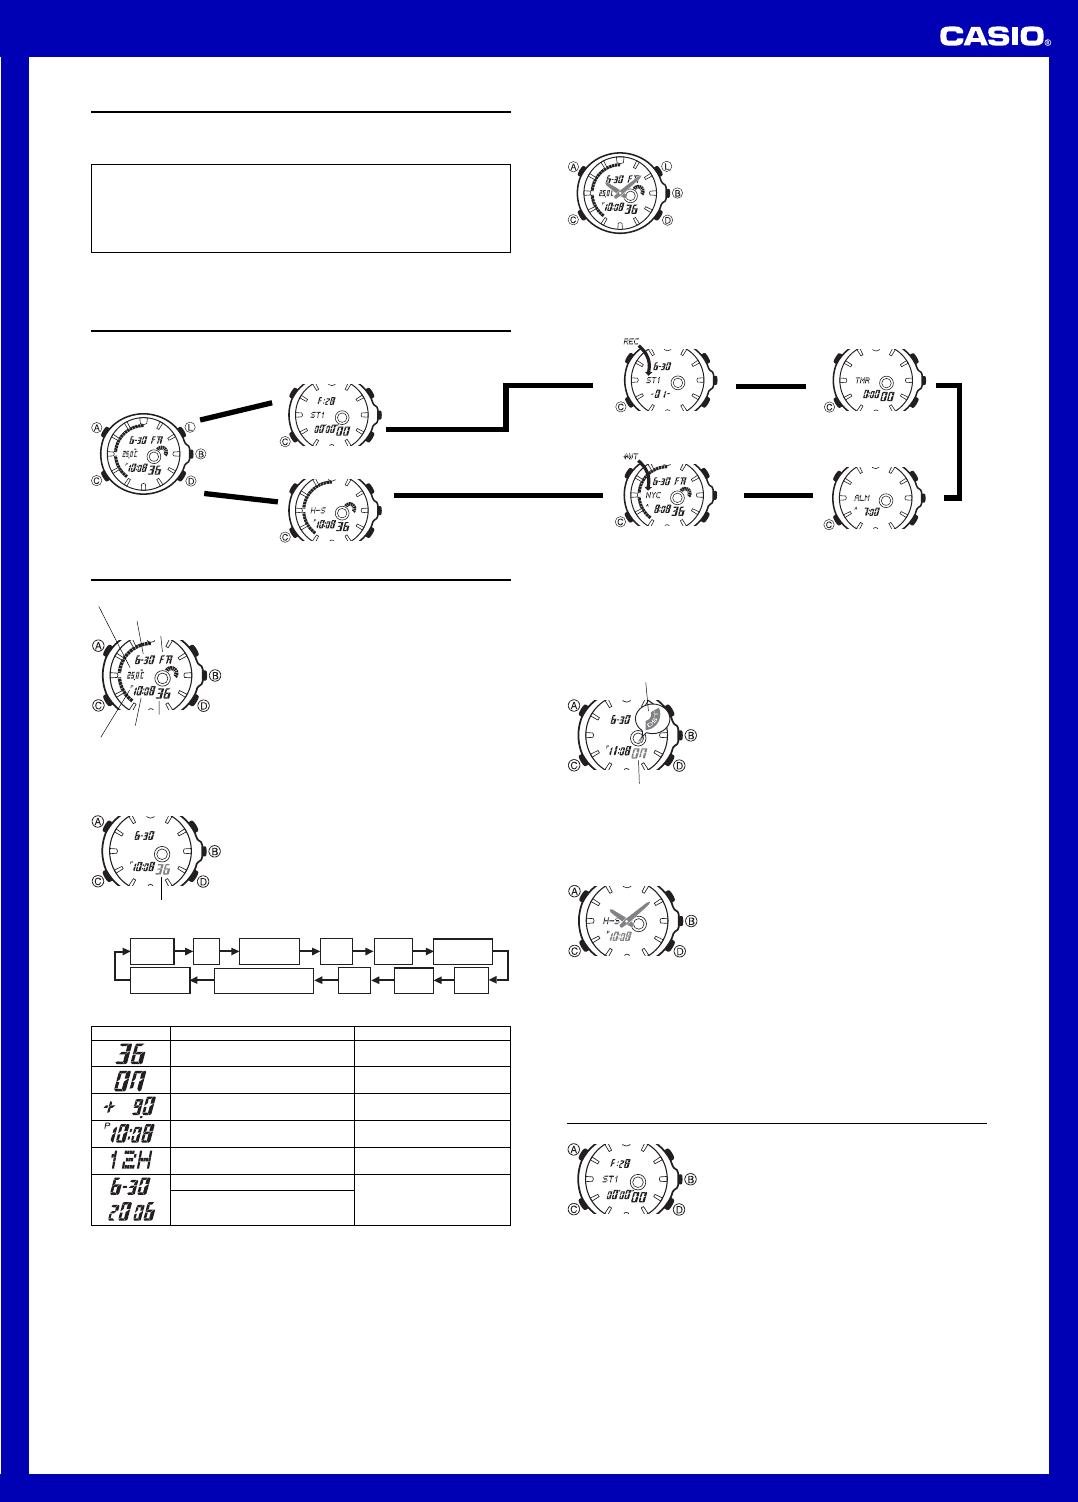 1a51803b06a3 📖 Instrukcja obsługi Casio EFA119BK-1A (4 stron)